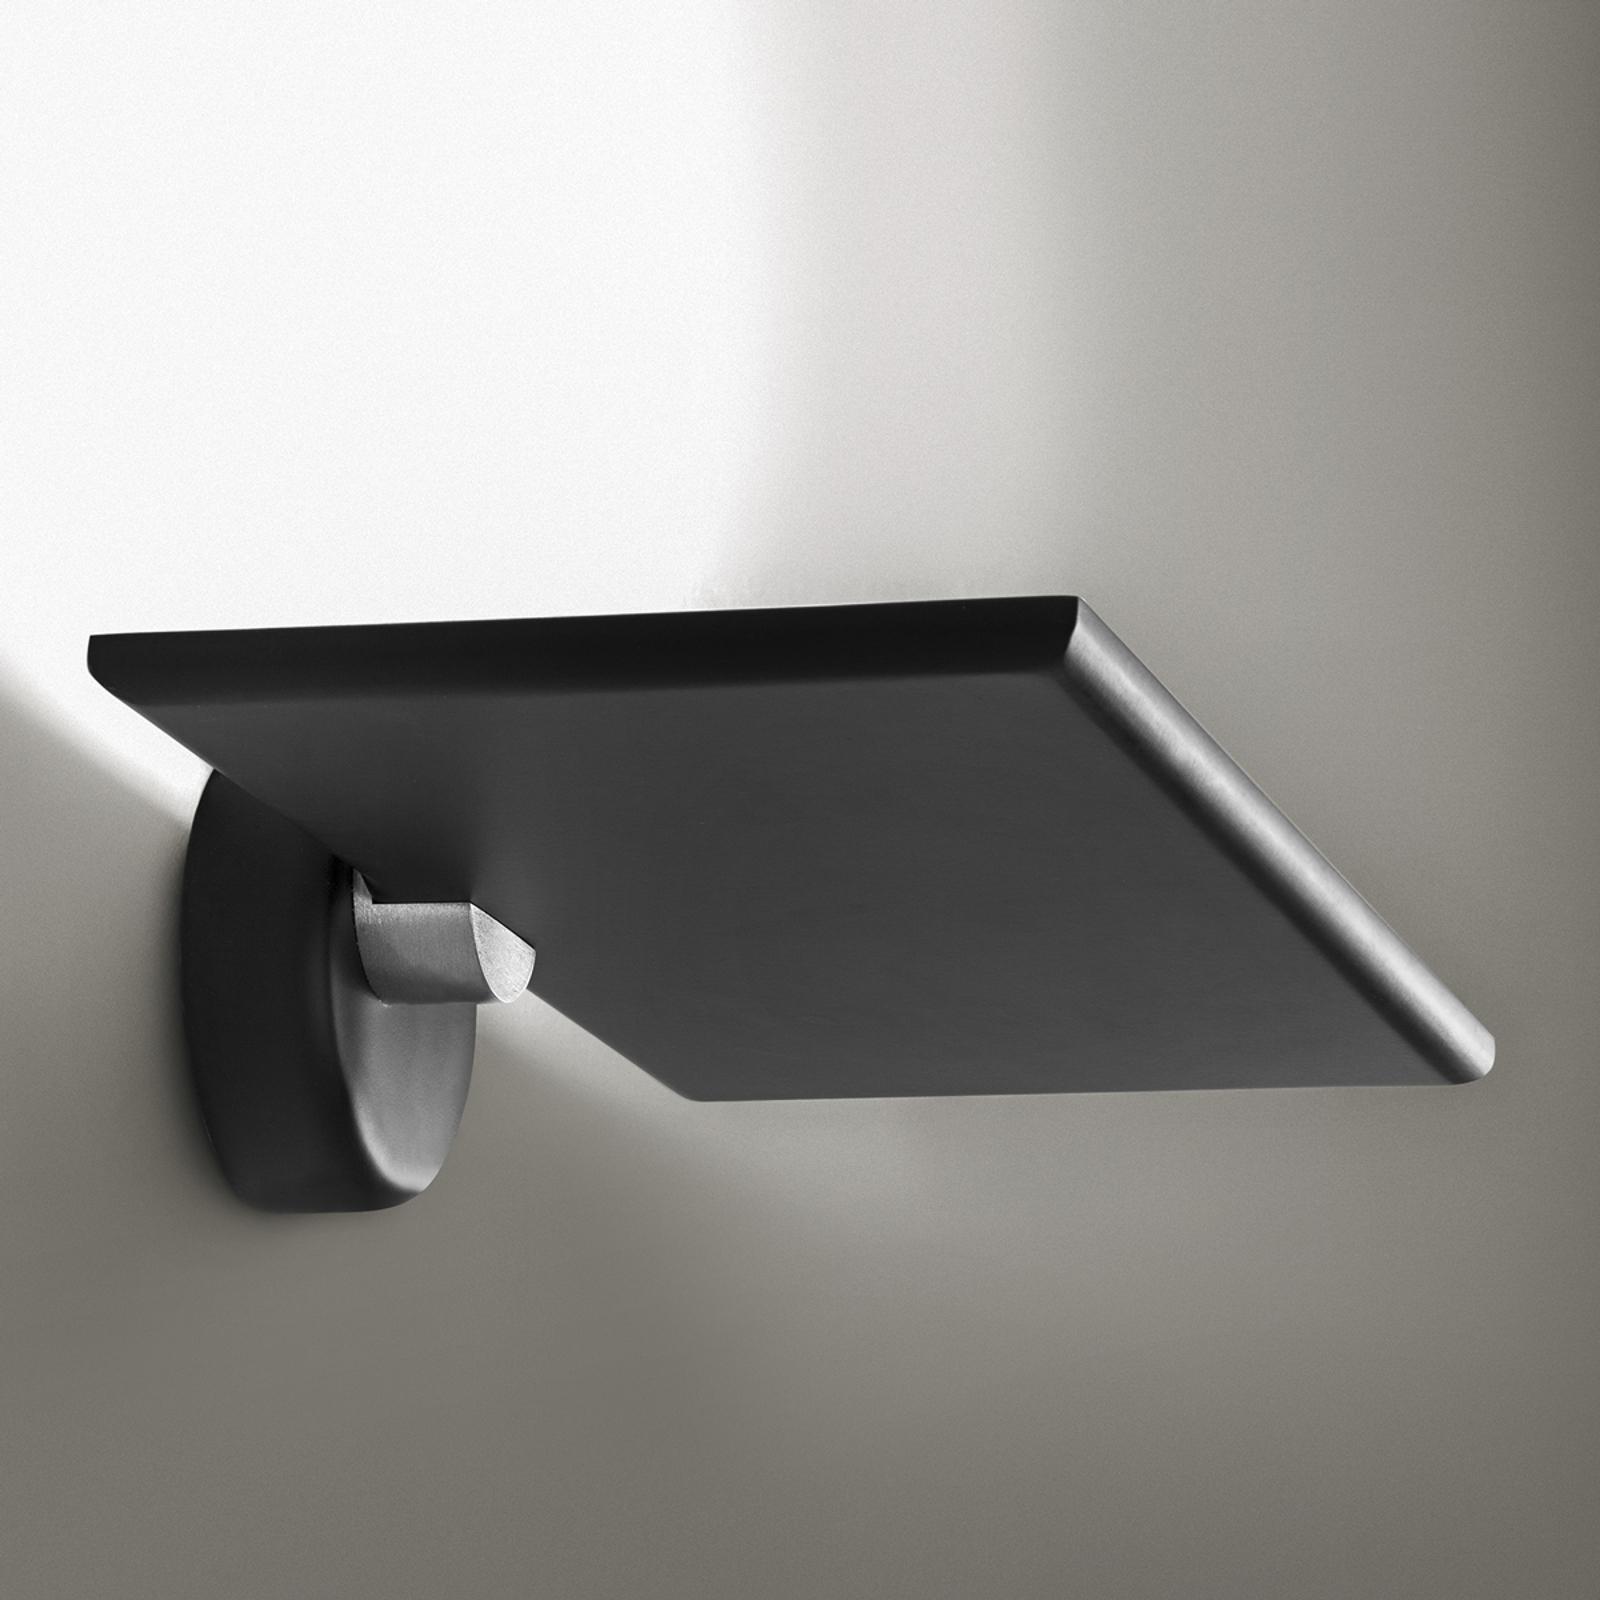 ICONE GiuUp LED-Wandfluter 20W, schwarz